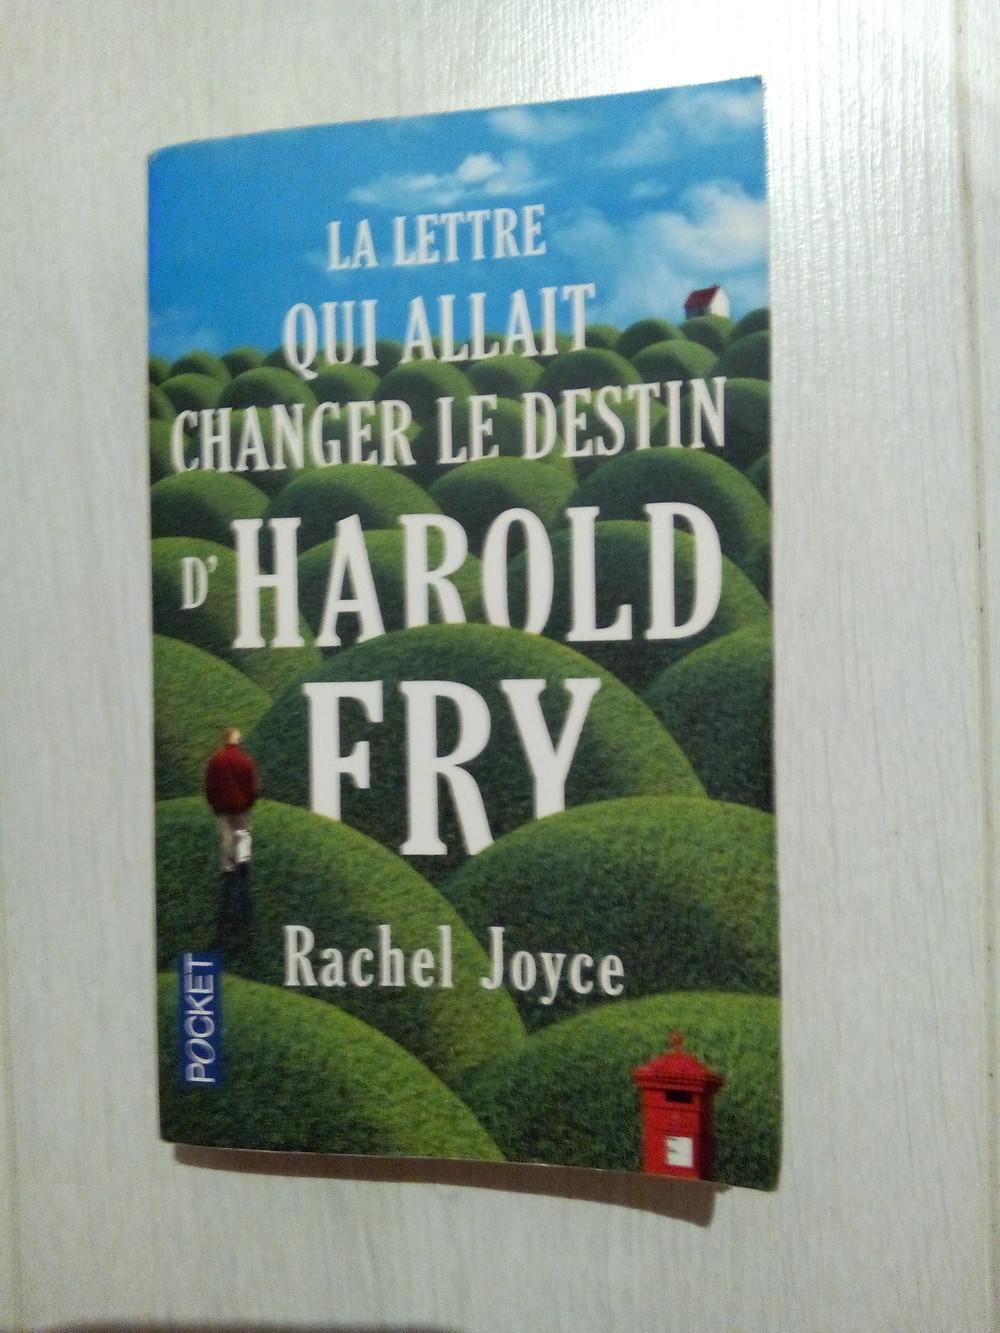 couverture du roman de Rachel Joyce: La lettre qui allait changer le destin d'Harold Fry, excellent